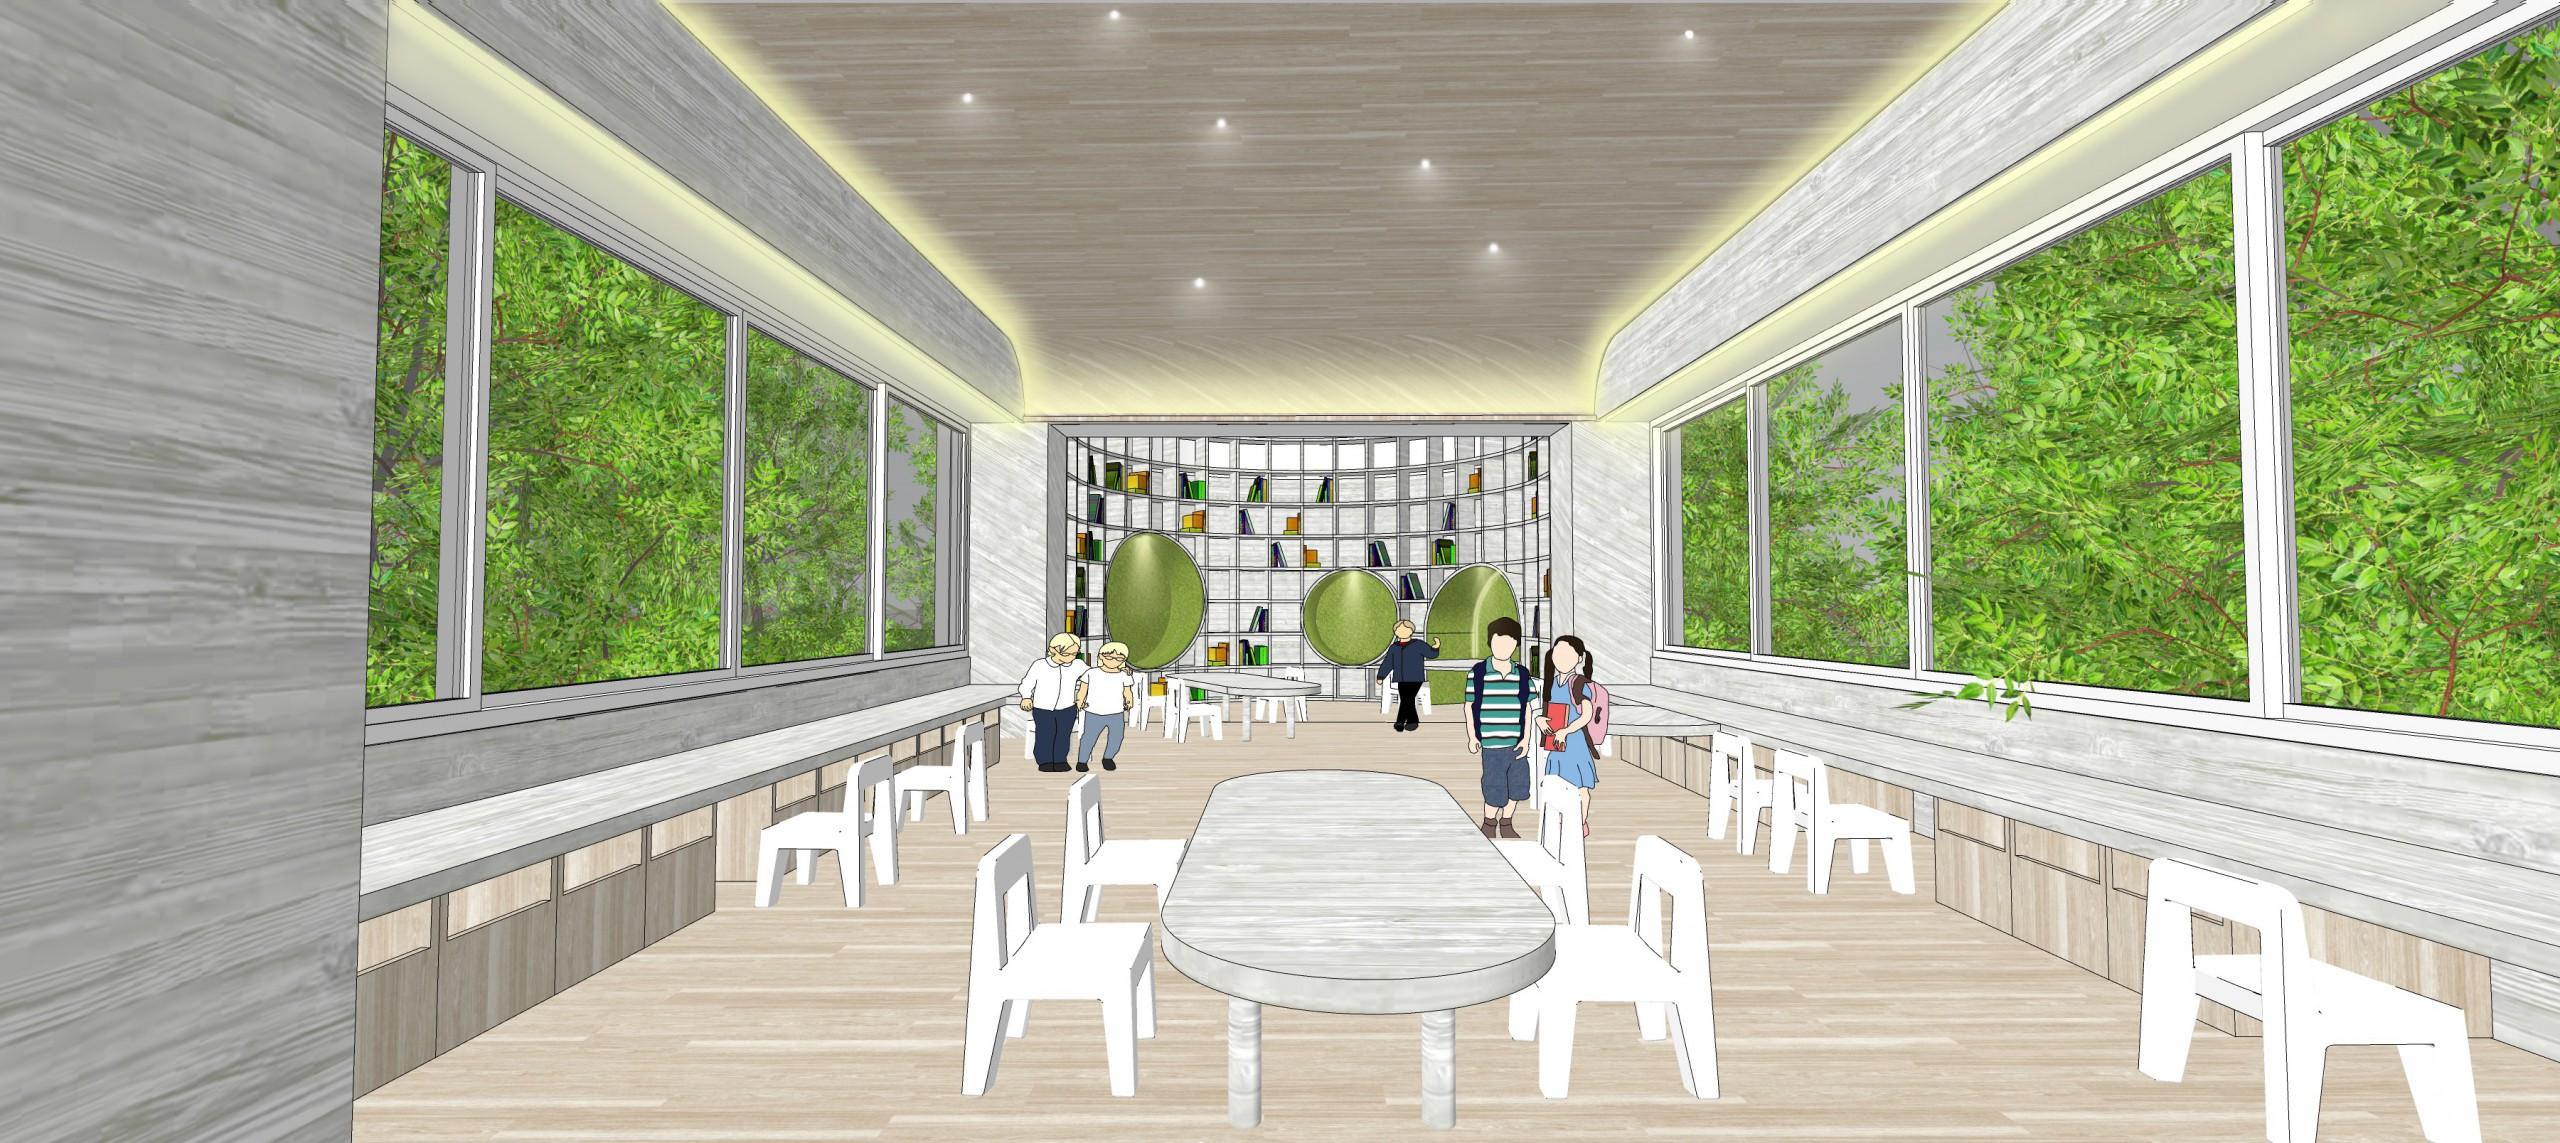 德築-DEZU-project-淡海大芽幼兒園-architecture-3Drendering-6